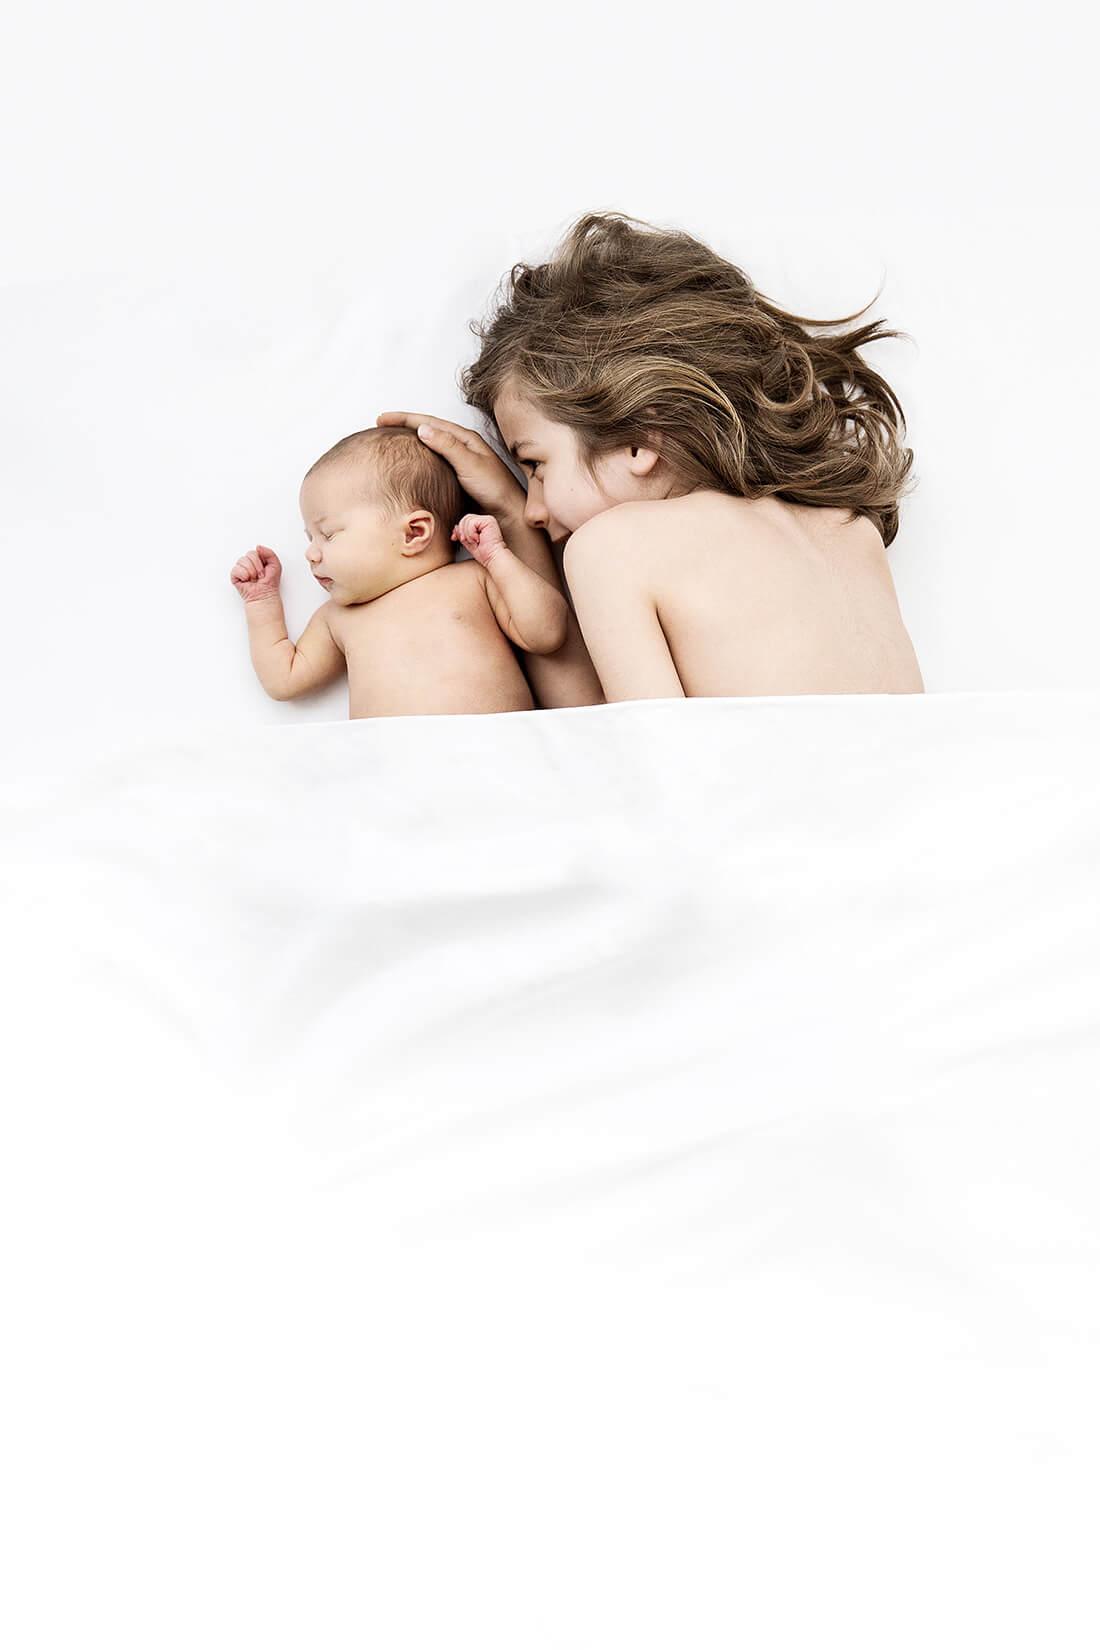 Neugeborenenfoto mit Geschwisterchen © Little Monkey Babyfotografie Berlin 2018